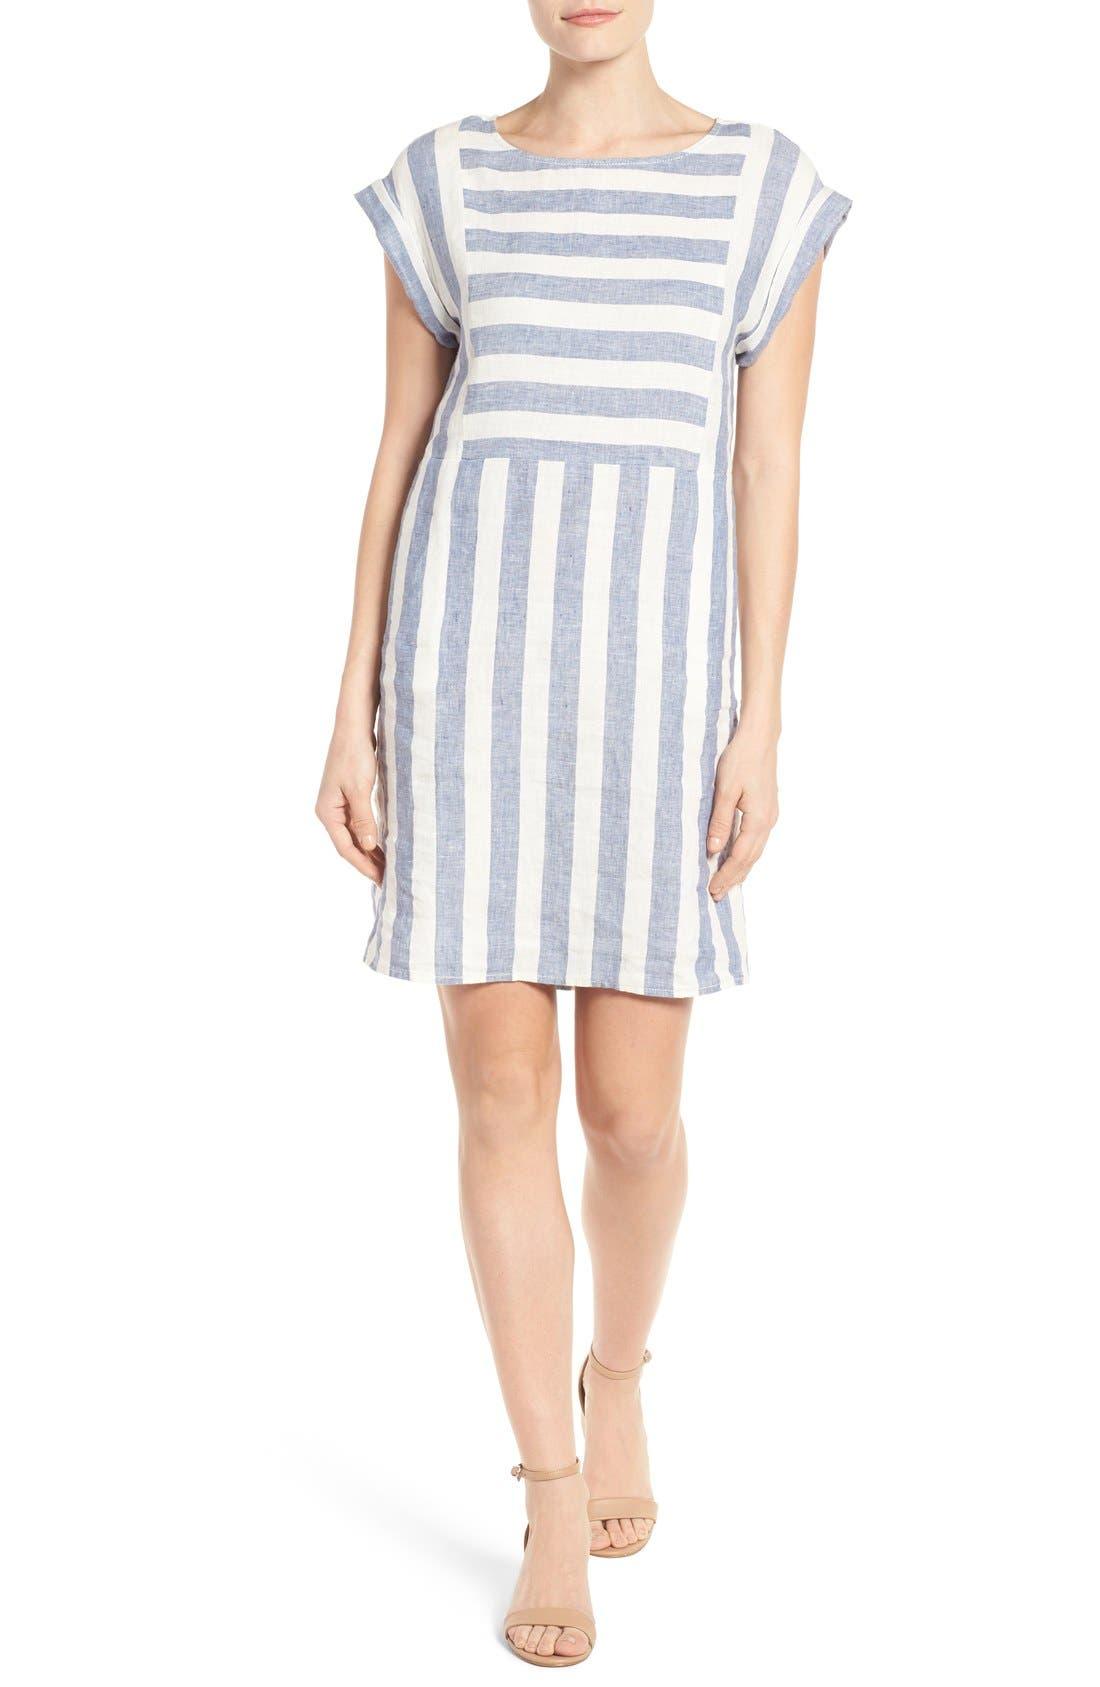 Alternate Image 1 Selected - Caslon® Stripe Linen Shift Dress (Regular & Petite)